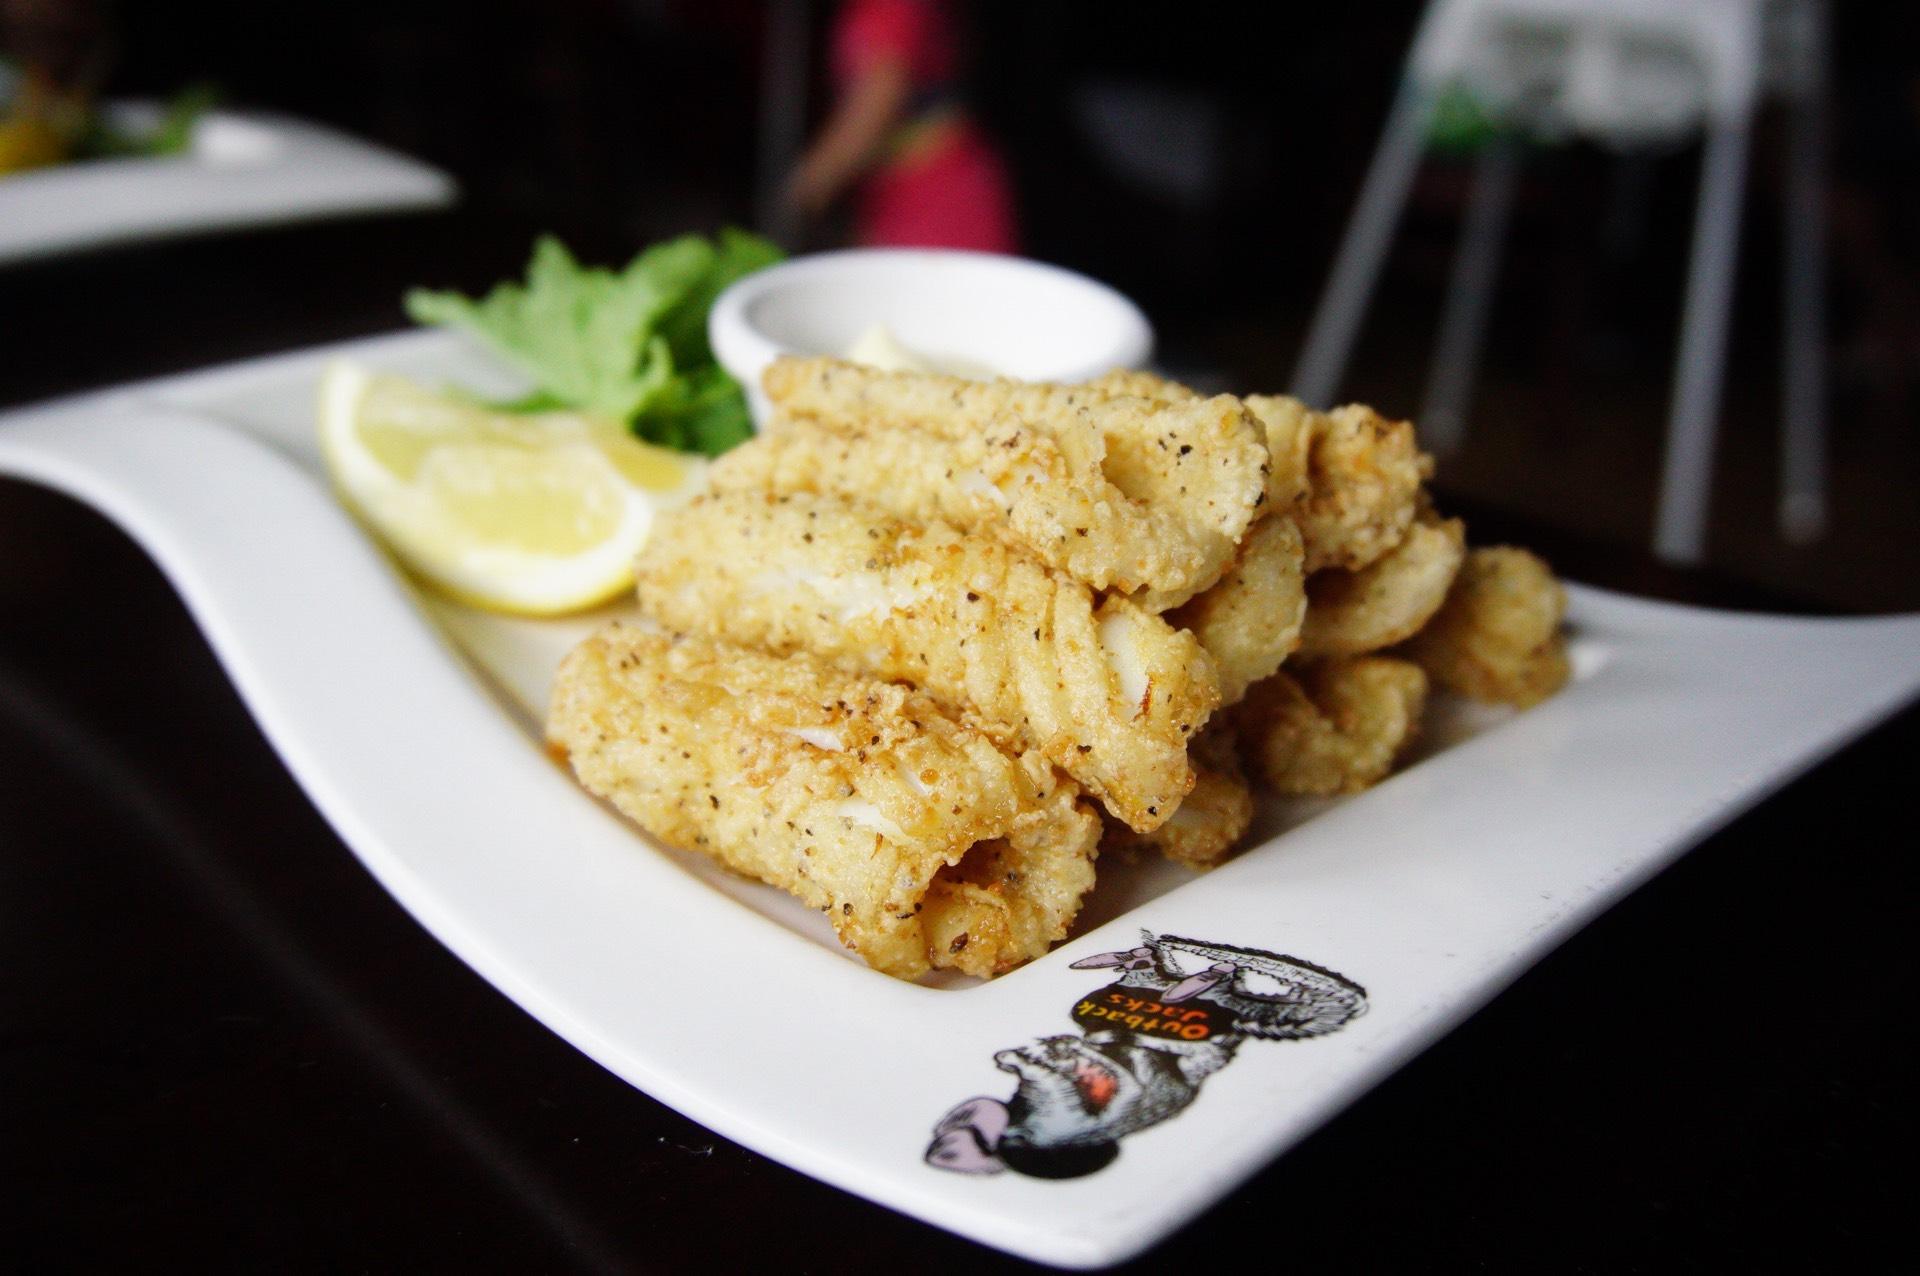 Spiced Calamari (yum!)